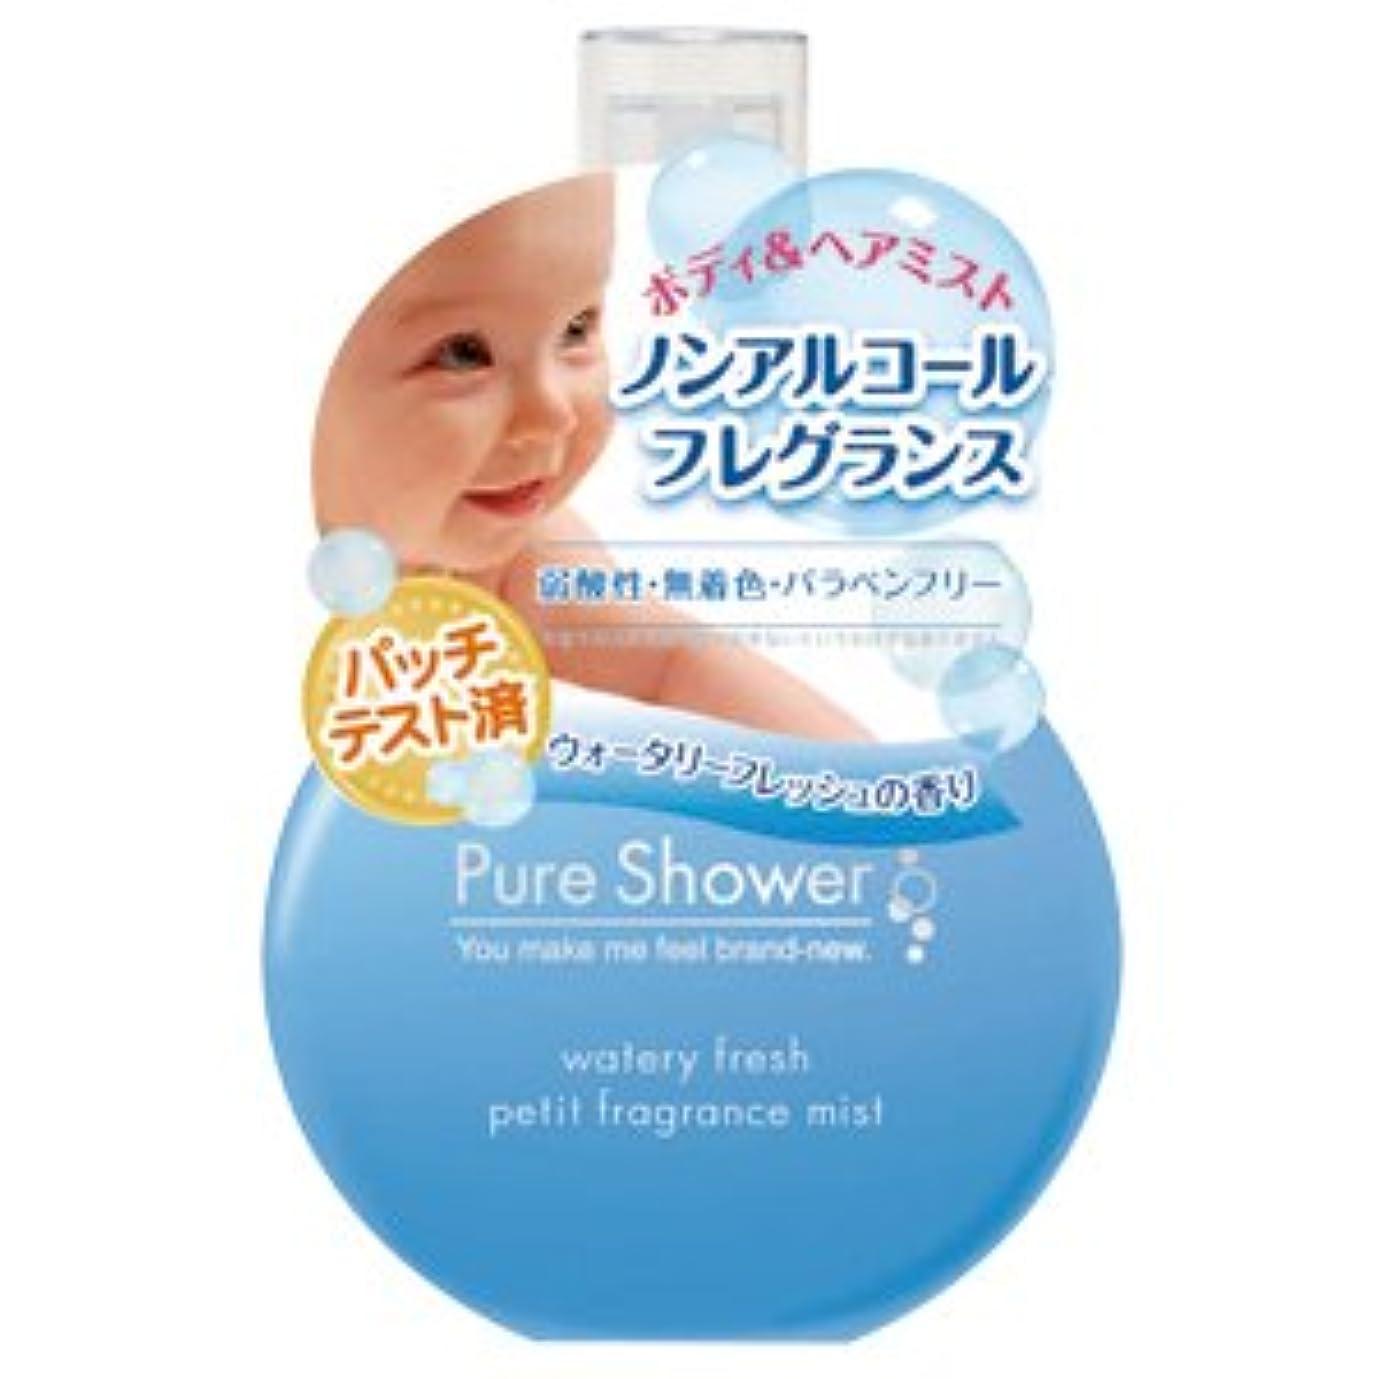 兄弟愛殉教者信号ピュアシャワー Pure Shower ノンアルコール フレグランスミスト ウォータリーフレッシュ 50ml